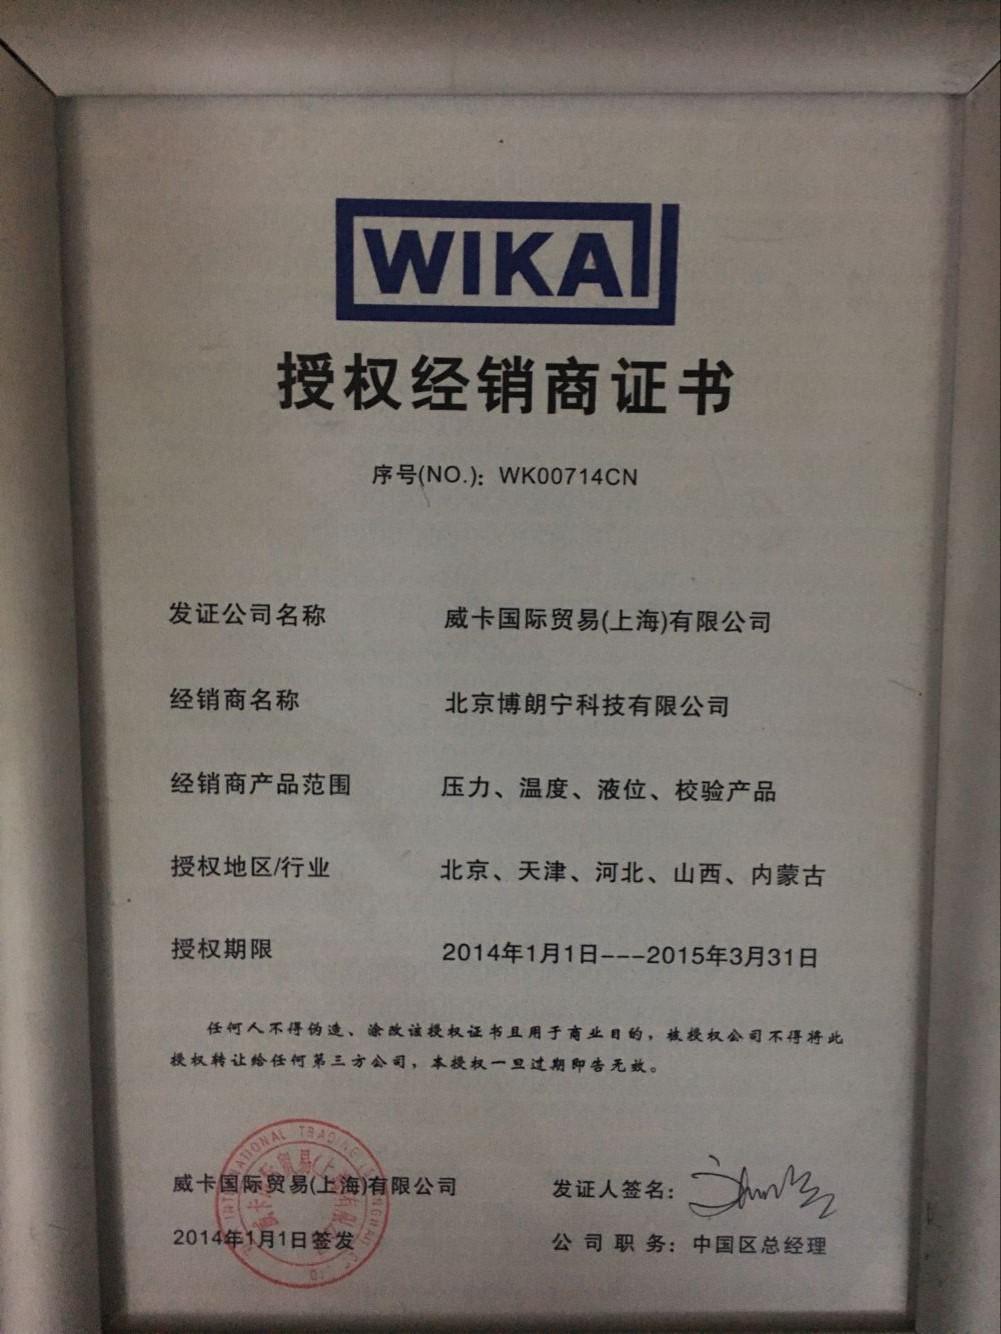 wika压力表,威卡压力变送器授权书